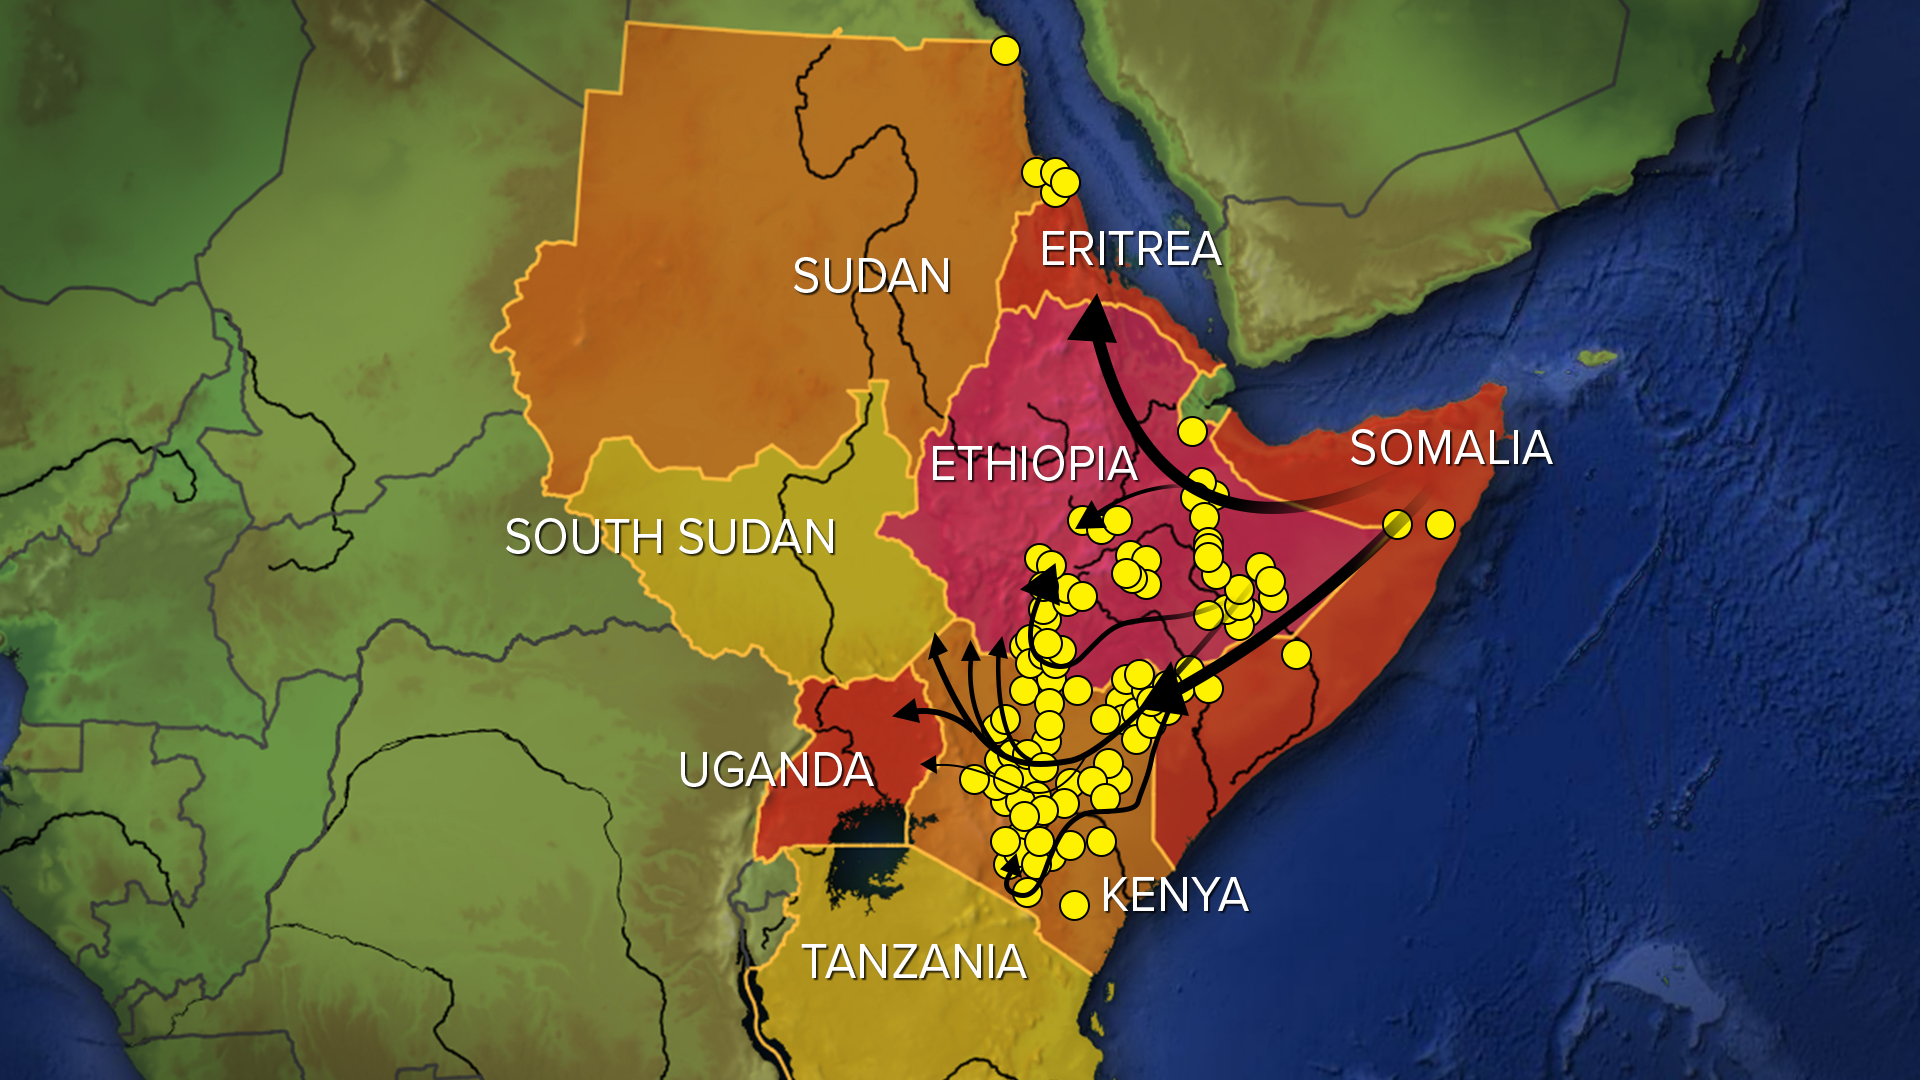 Como una página fuera de la Biblia: Enjambres de langostas 'tan grandes como las grandes ciudades' asaltan África, amenazando a millones de vidas - fsg 021220 locust swarms.psd